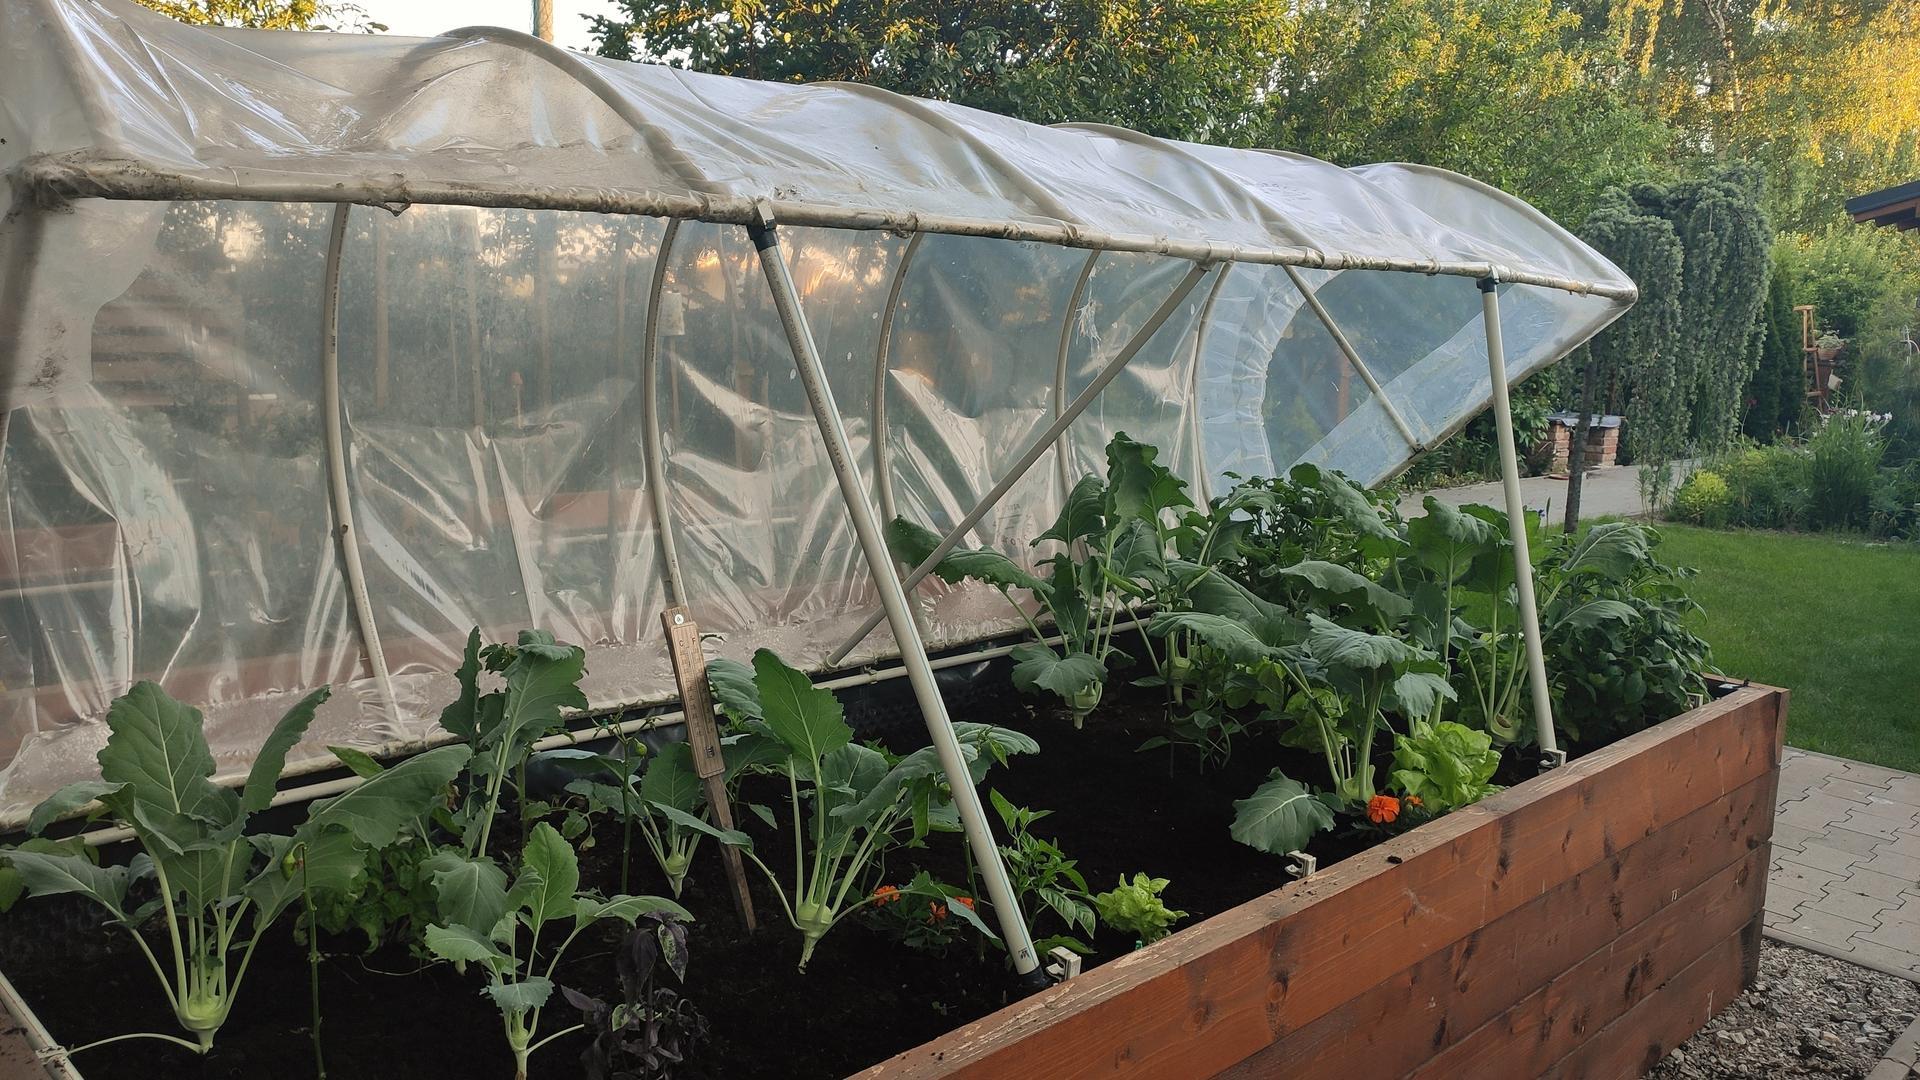 Vyvýšené záhony a úžitková záhrada - sezóna 2021 ... príprava, sadenie, starostlivosť - Obrázok č. 54